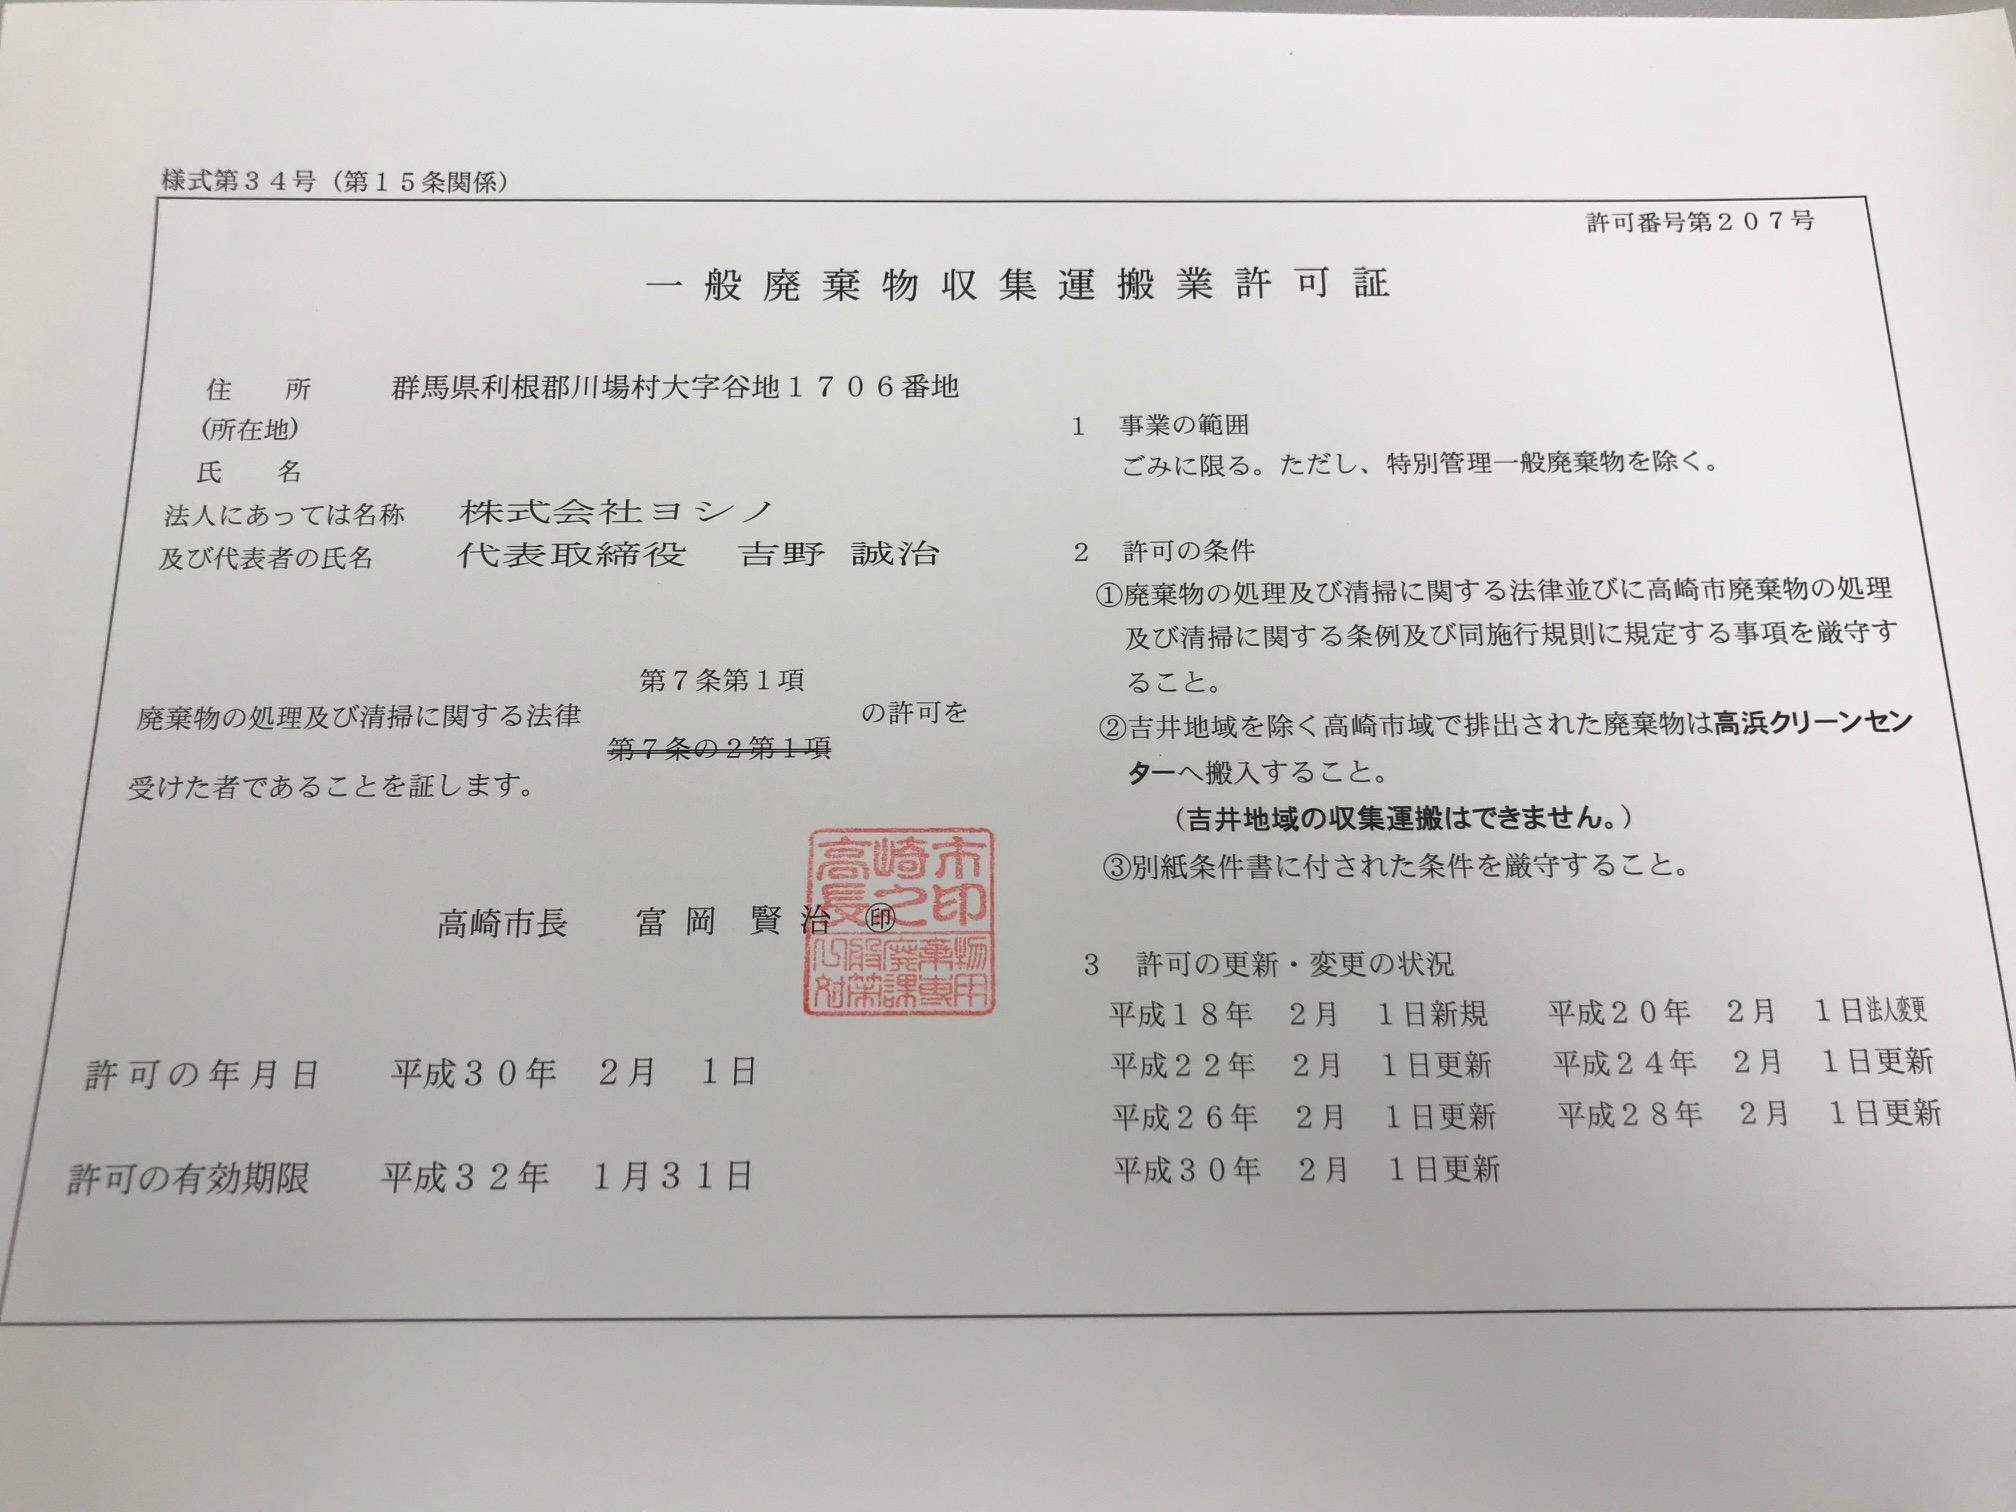 高崎市一般廃棄物許可H30(株)ヨシノ